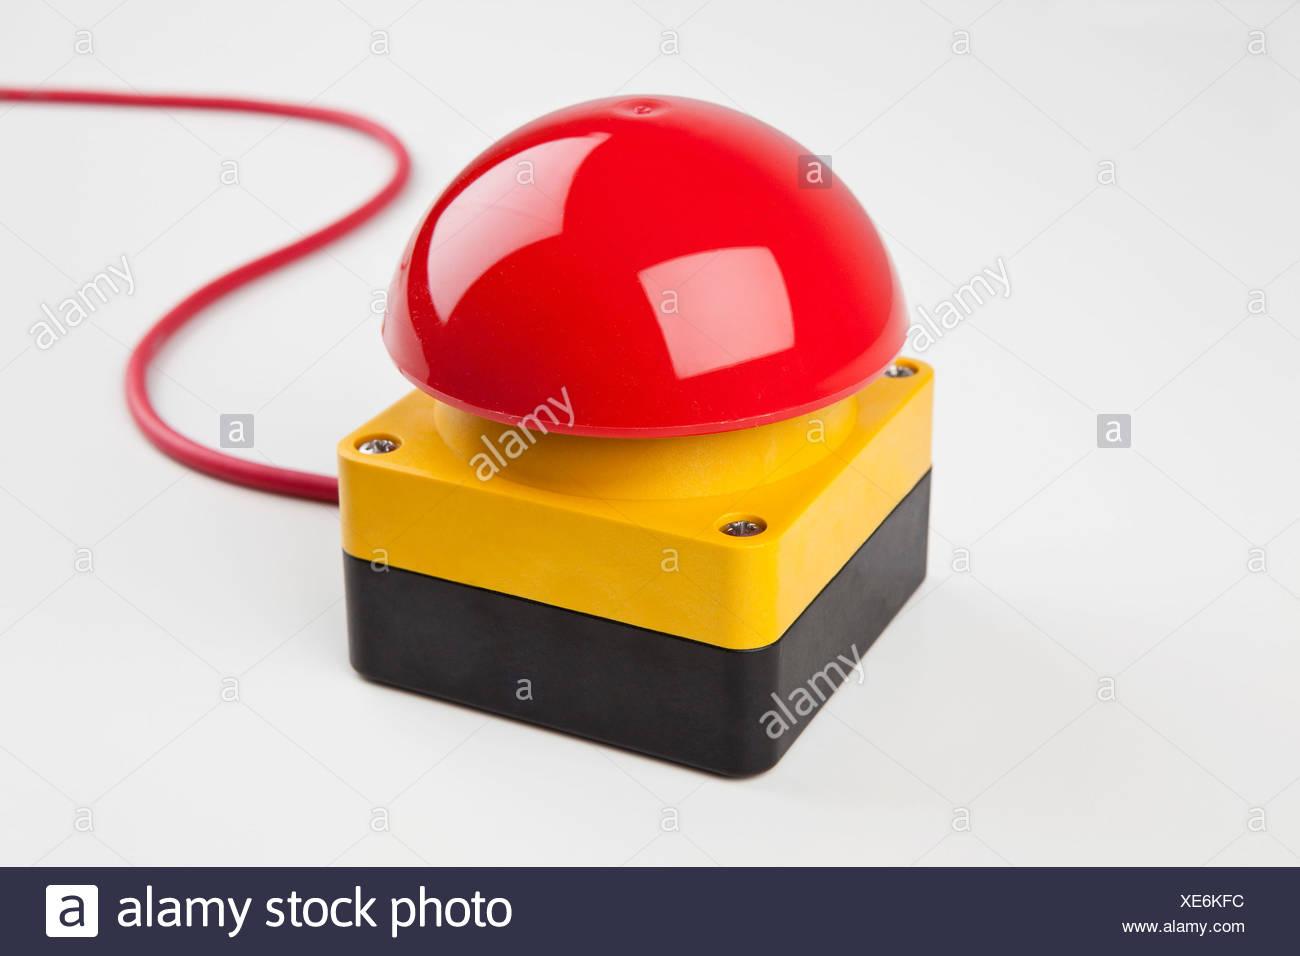 Eine große rote Klingel Stockbild